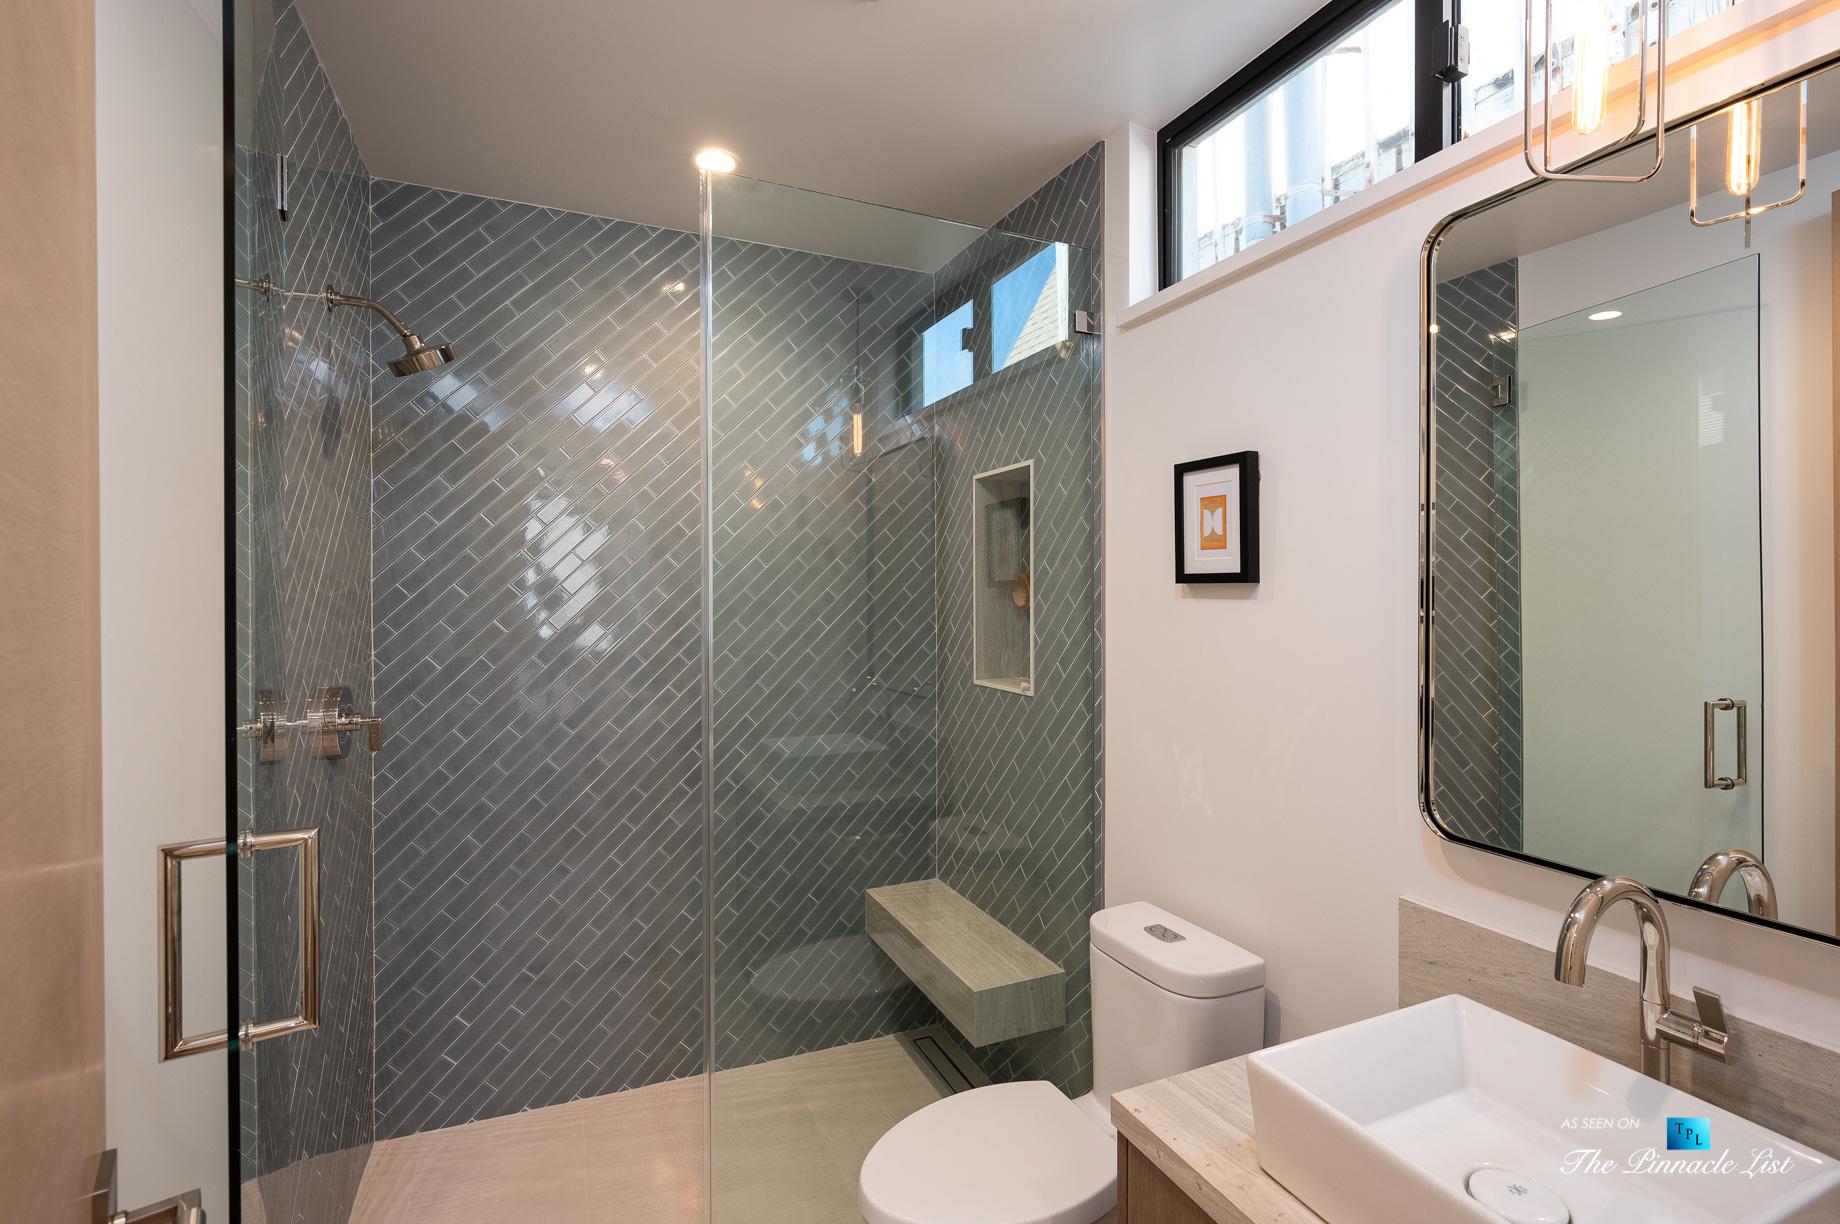 2016 Ocean Dr, Manhattan Beach, CA, USA – Bathroom – Luxury Real Estate – Modern Ocean View Home